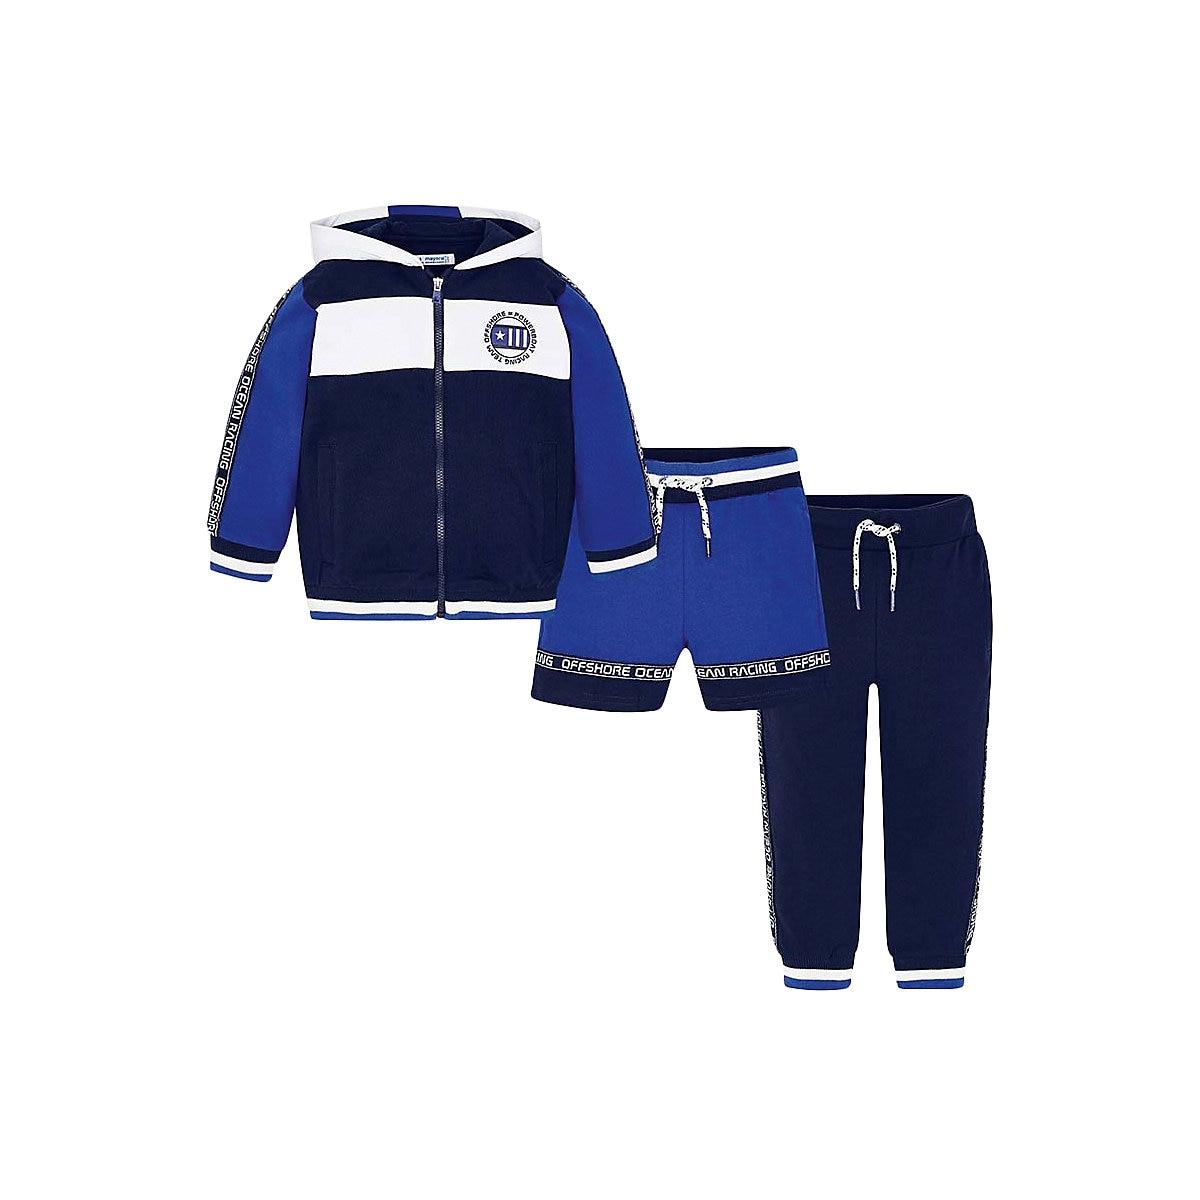 Niños trajes de dos piezas Mayoral 10685207 niños ropa deportiva accesorios disfraces para el niño